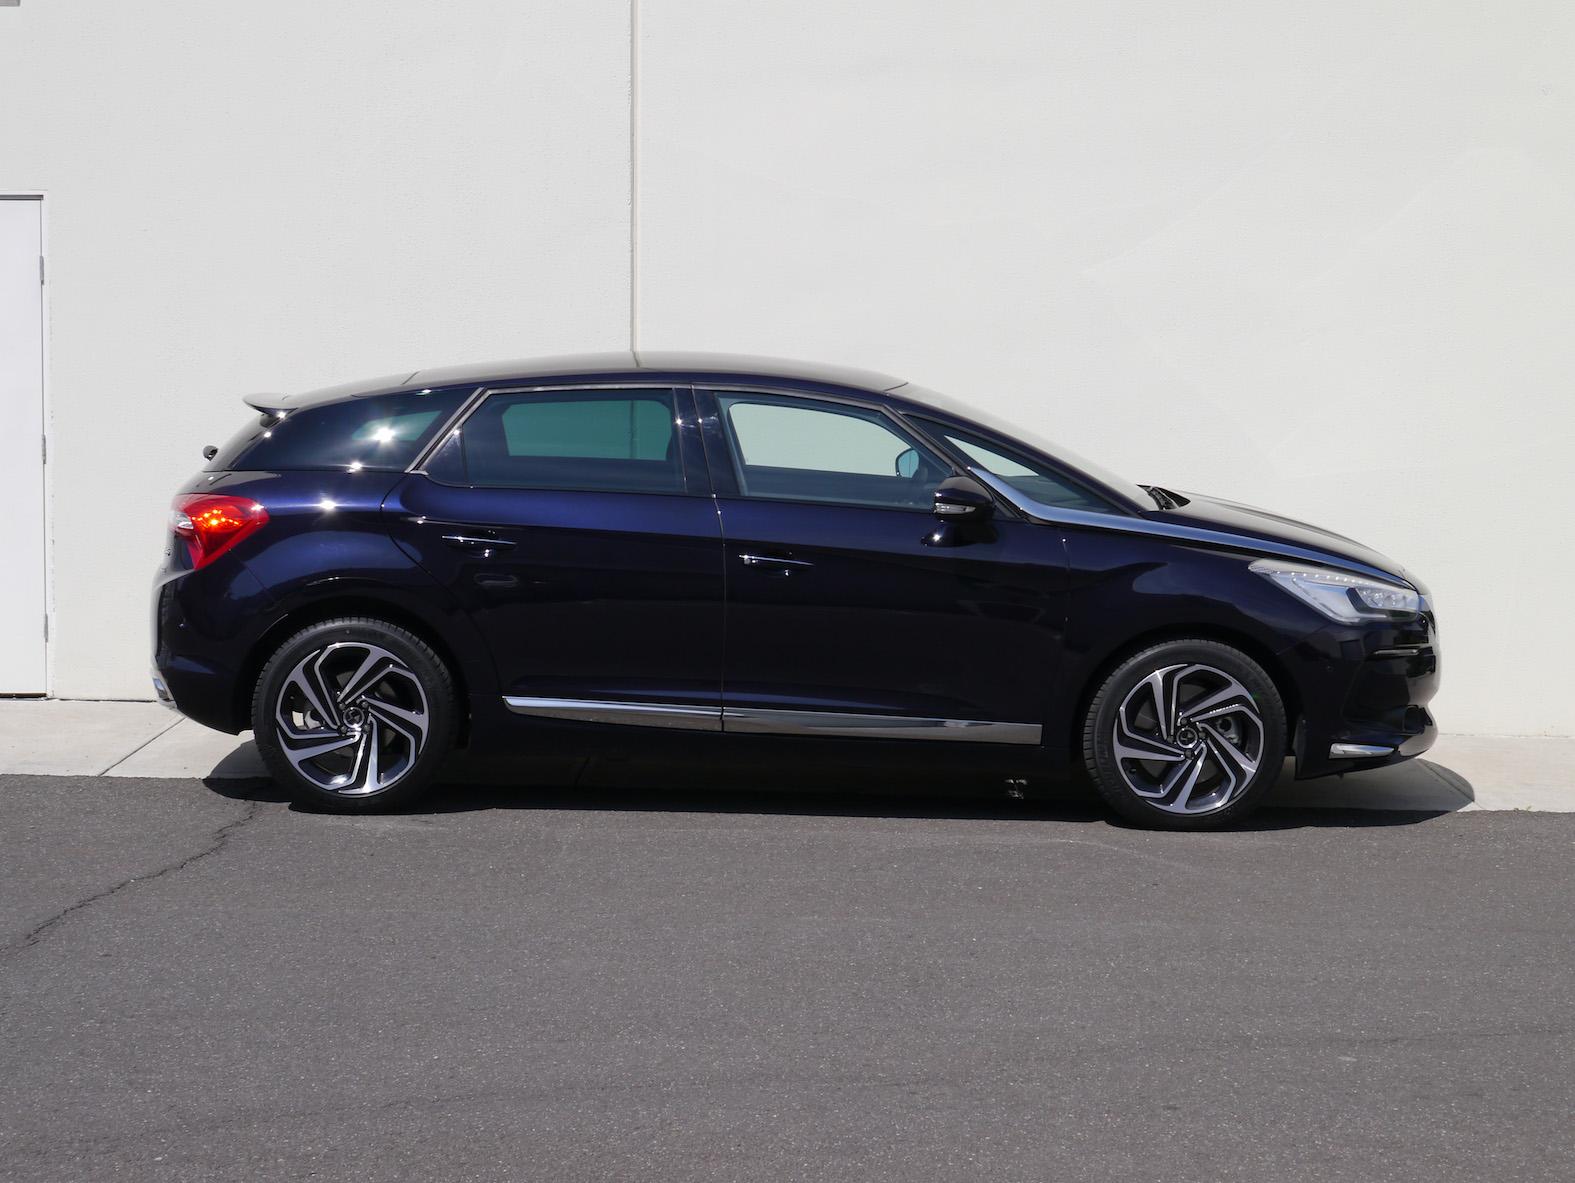 2015_ds_automobiles_ds5_review_15